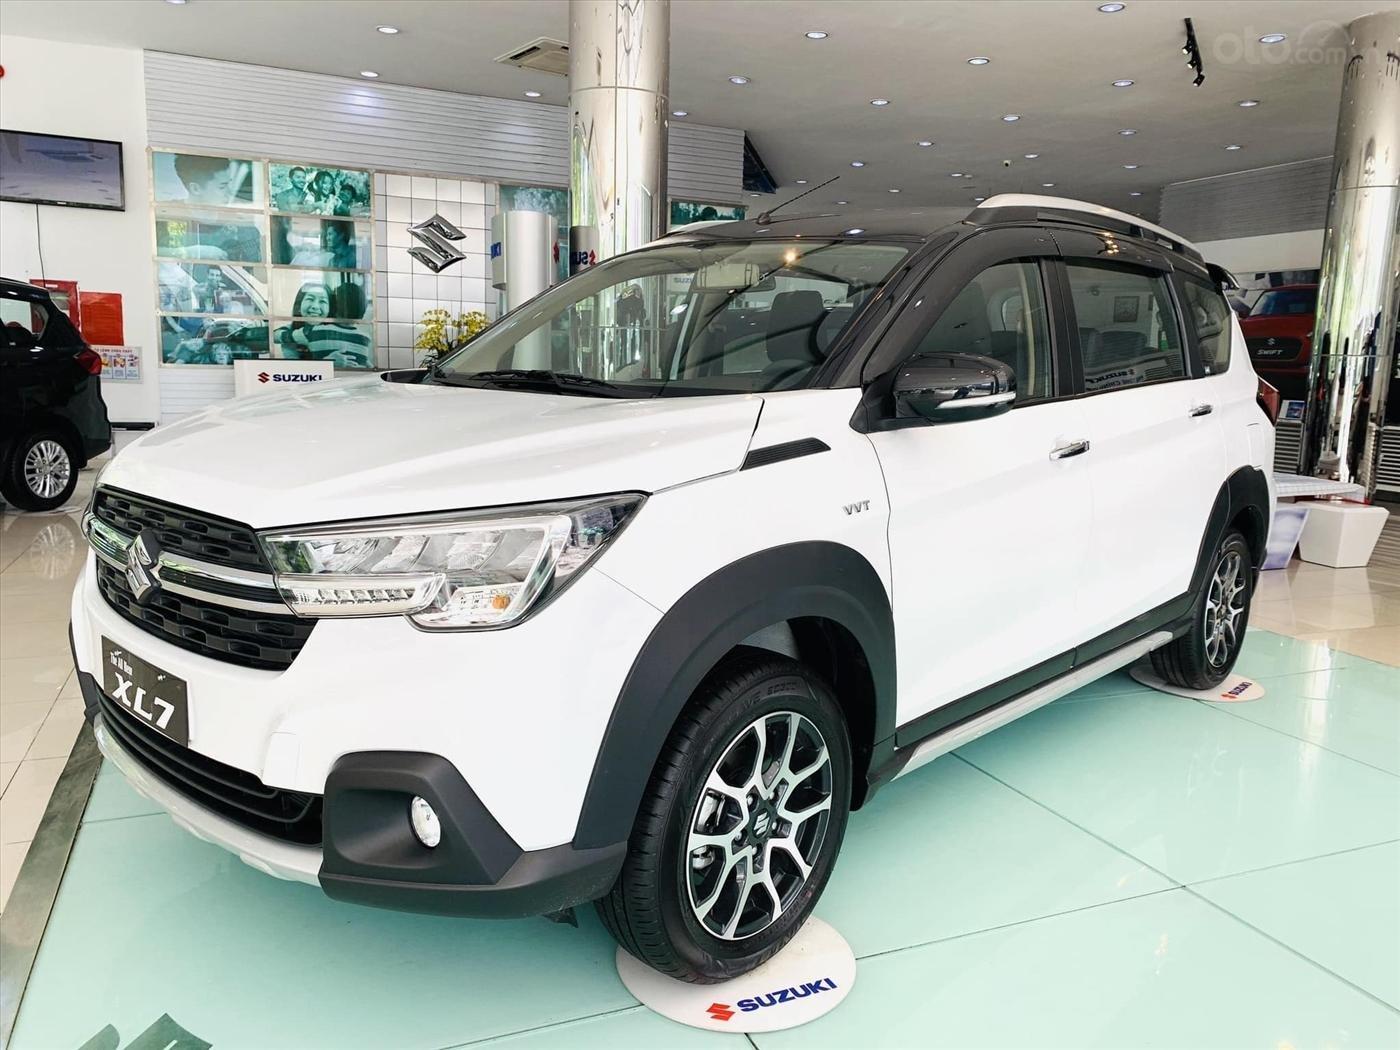 Suzuki XL7 2021 giá tốt nhất miền Nam - ưu đãi tiền mặt 25tr - Tặng BHVC - Hỗ trợ trả góp 80% lãi suất ưu đãi (2)